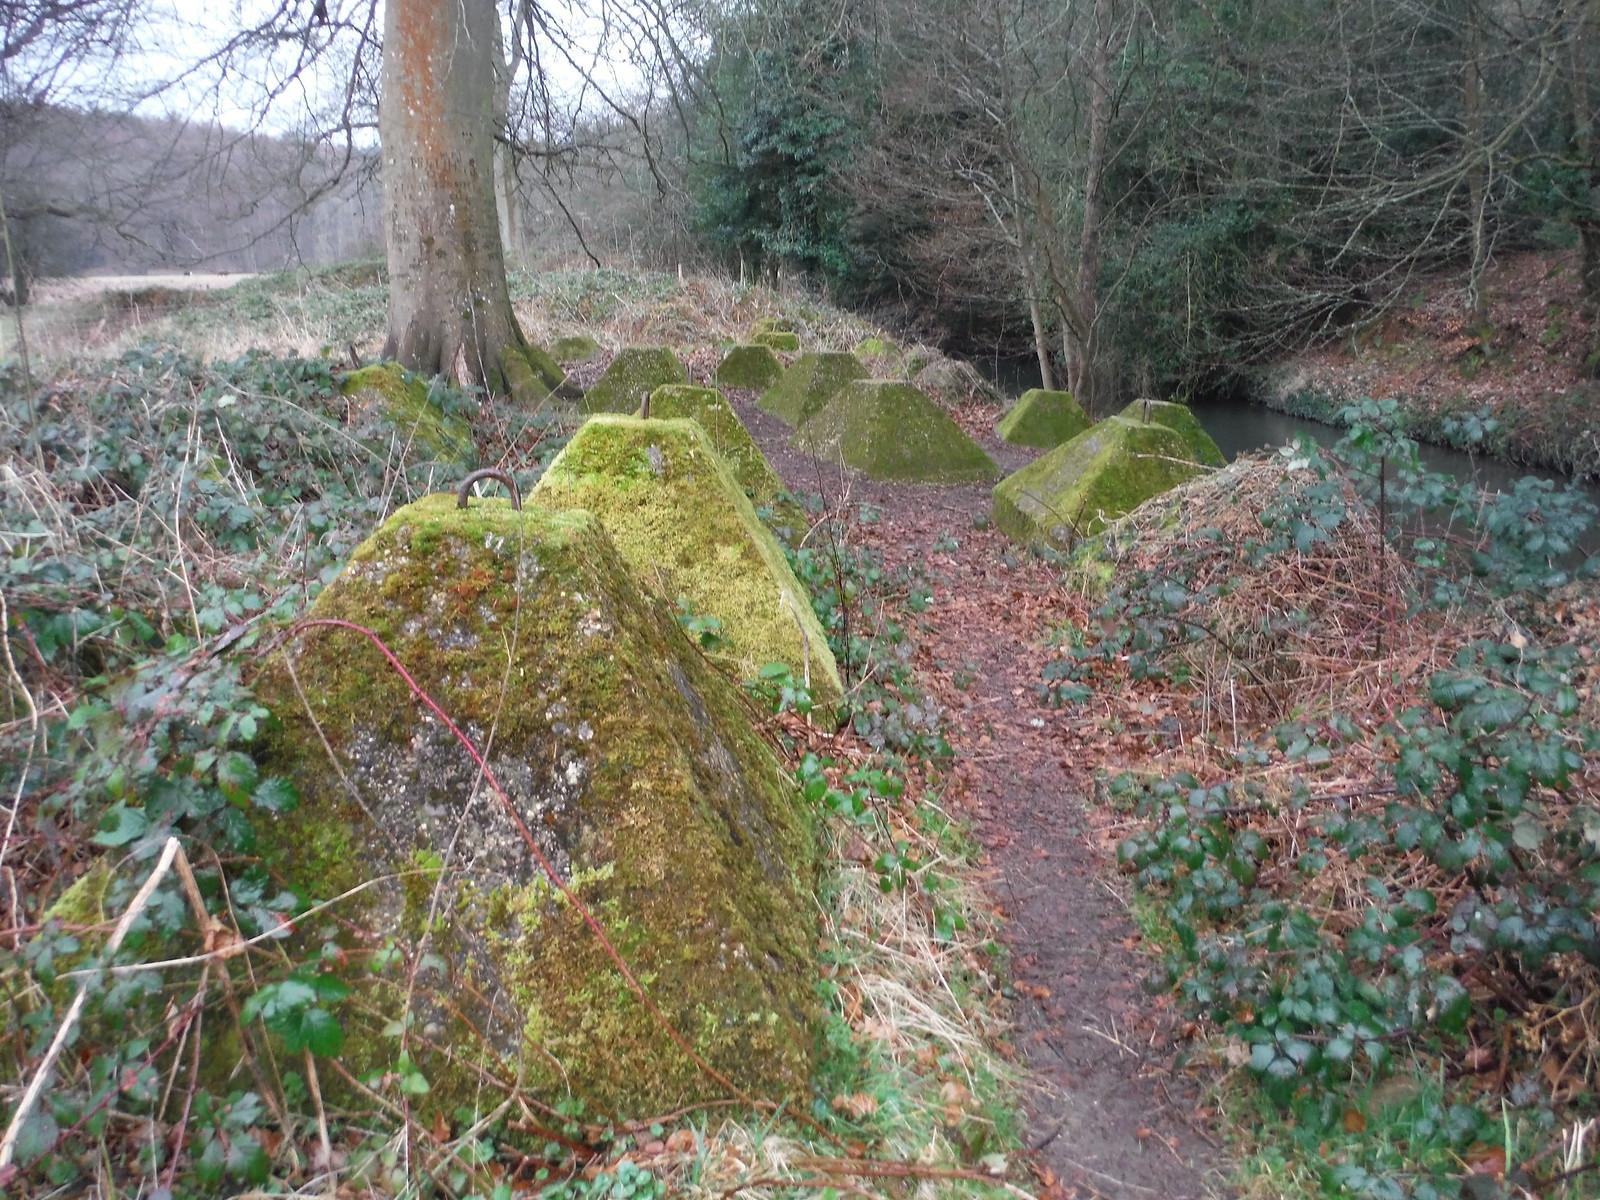 Dragon's Teeth, Waverley Abbey SWC Walk 144 Haslemere to Farnham - Waverley Abbey Extension